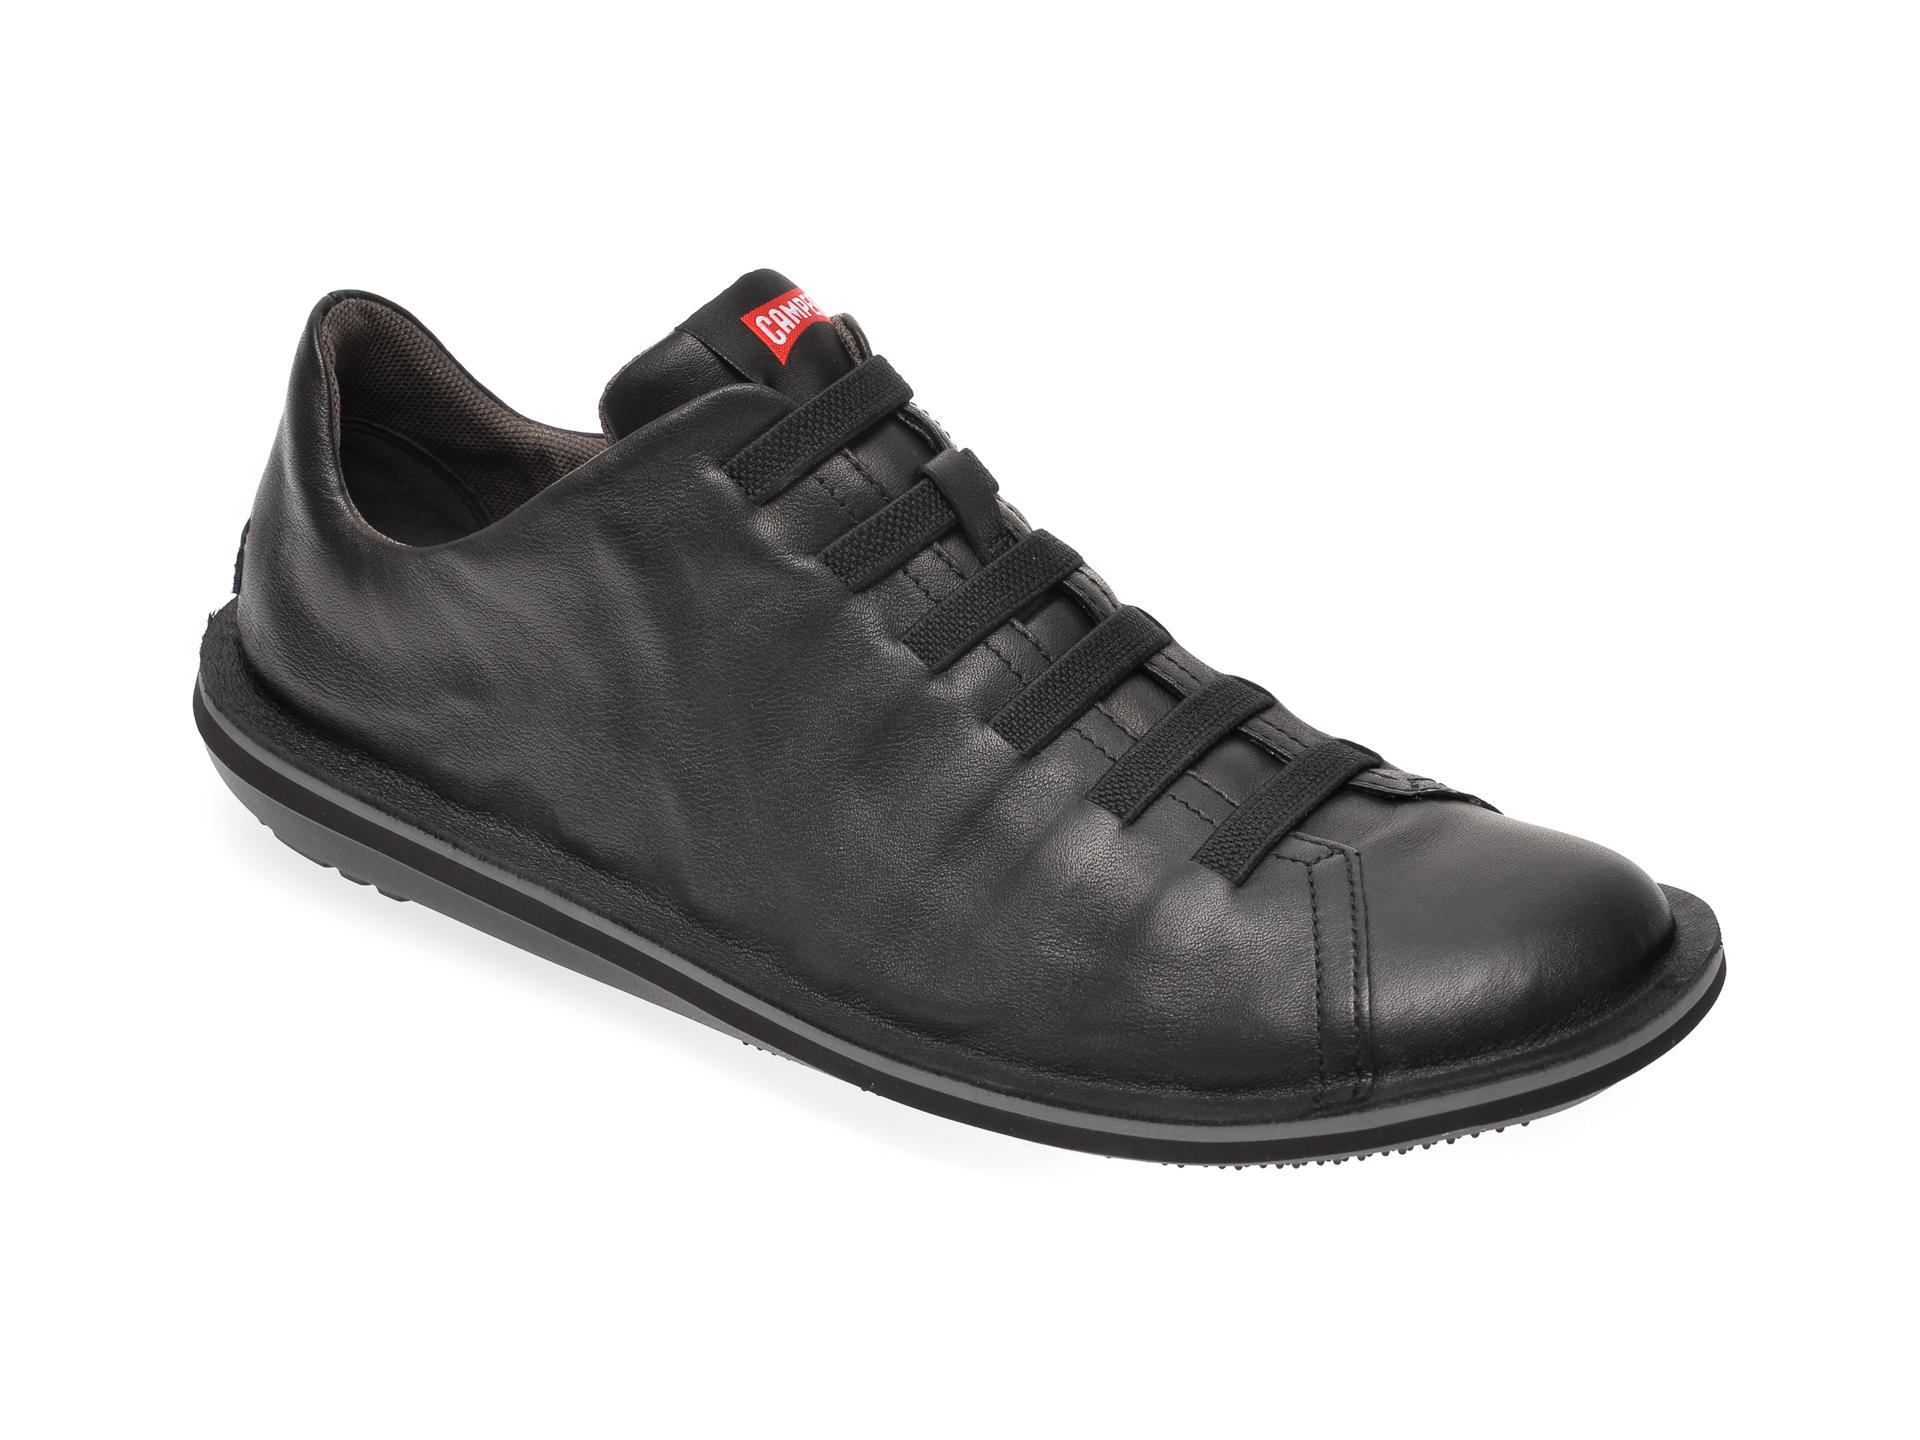 Pantofi CAMPER negri, 18751, din piele naturala New